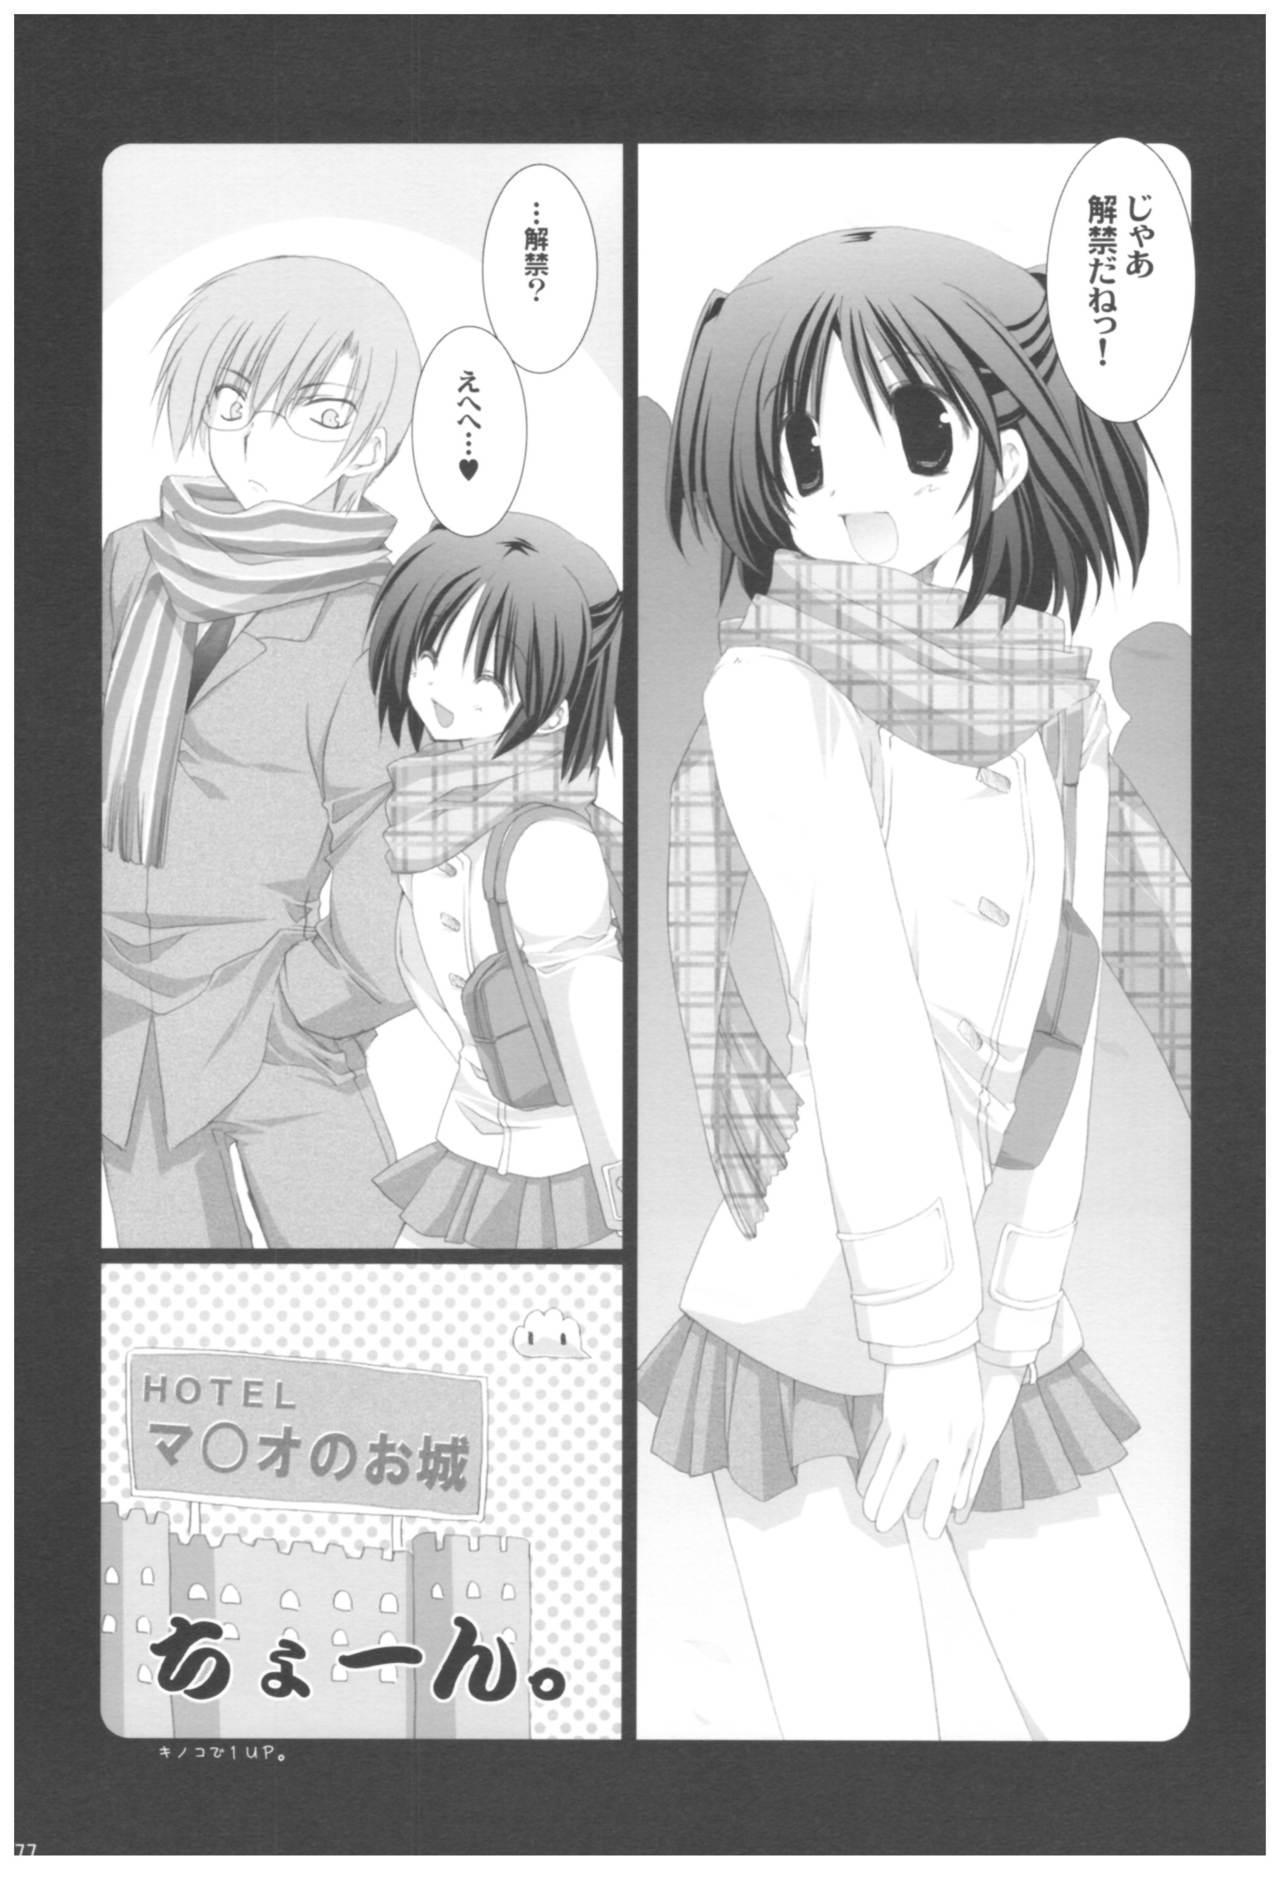 Naedoko Ikusei Kansatsu Kiroku 176